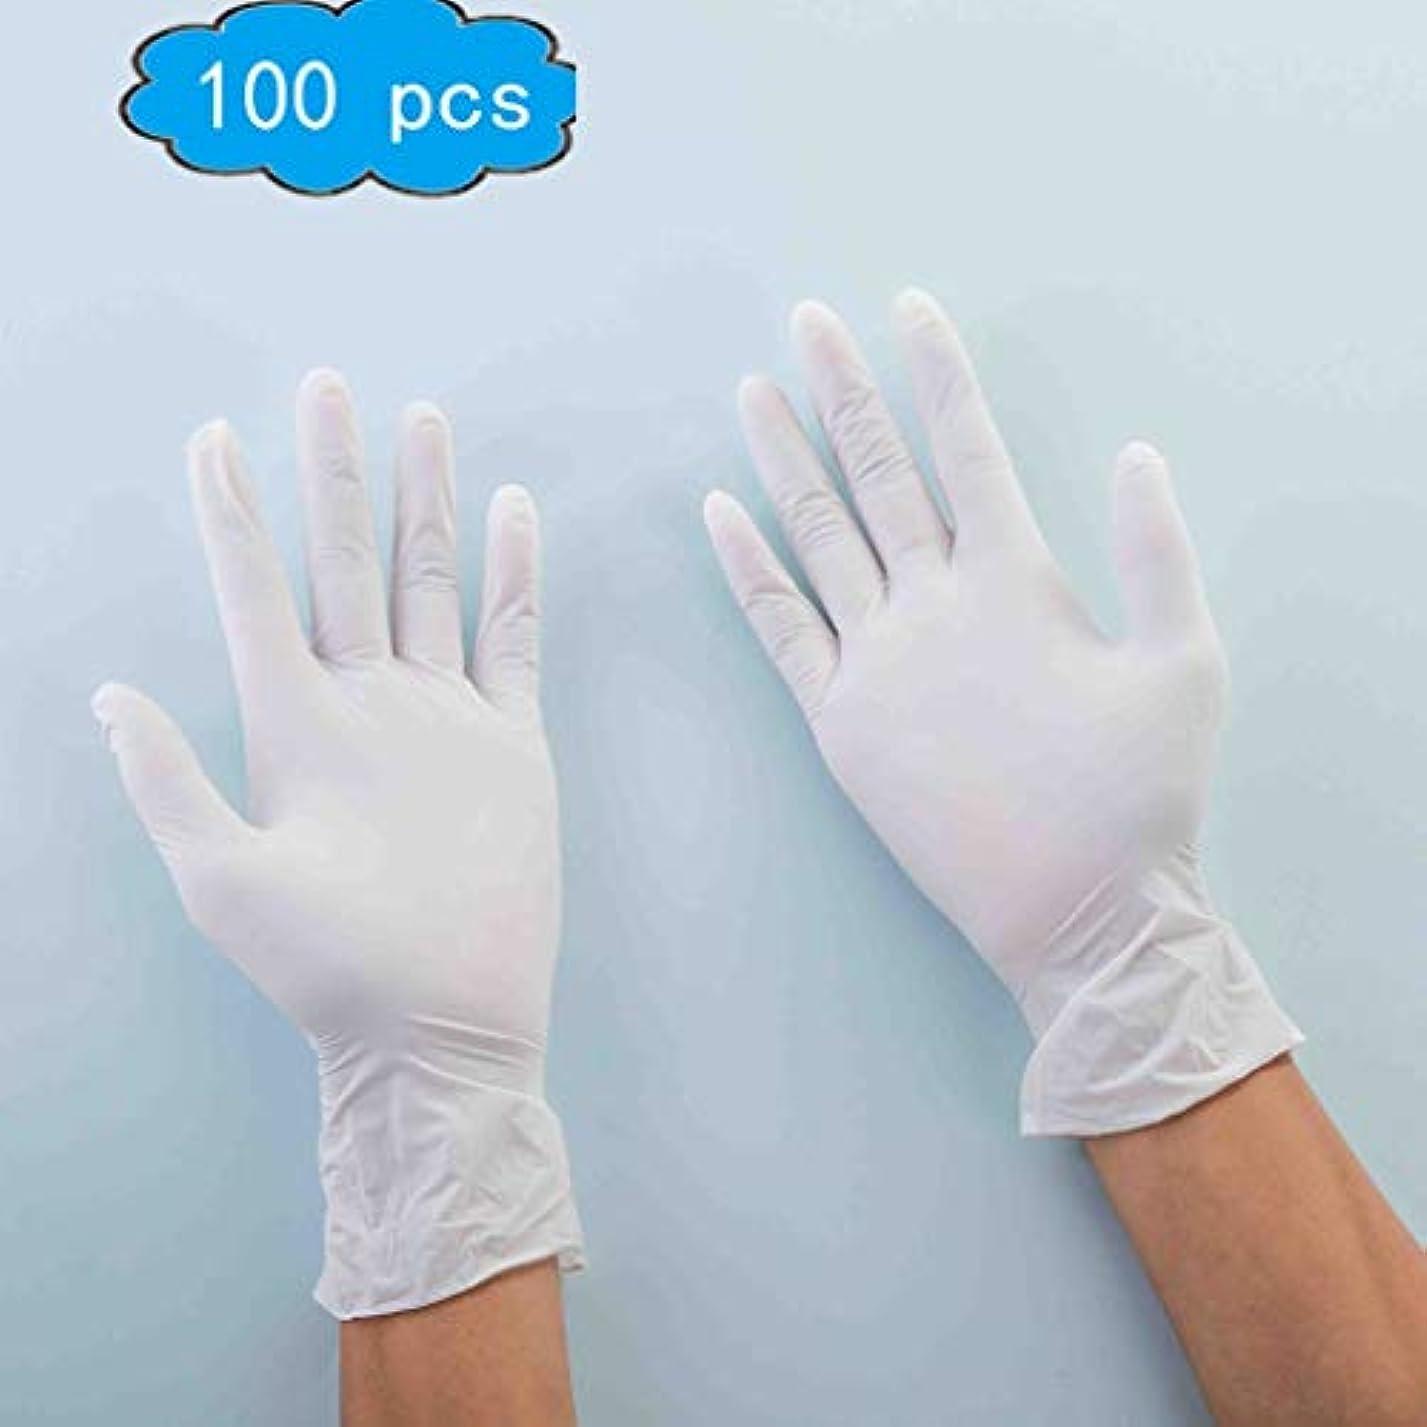 身元関与するサポート使い捨て手袋 - 白、厚めのバージョン、ニトリル手袋、パウダーフリー、試験、無菌、中、100箱、手と腕の保護 (Color : White, Size : L)